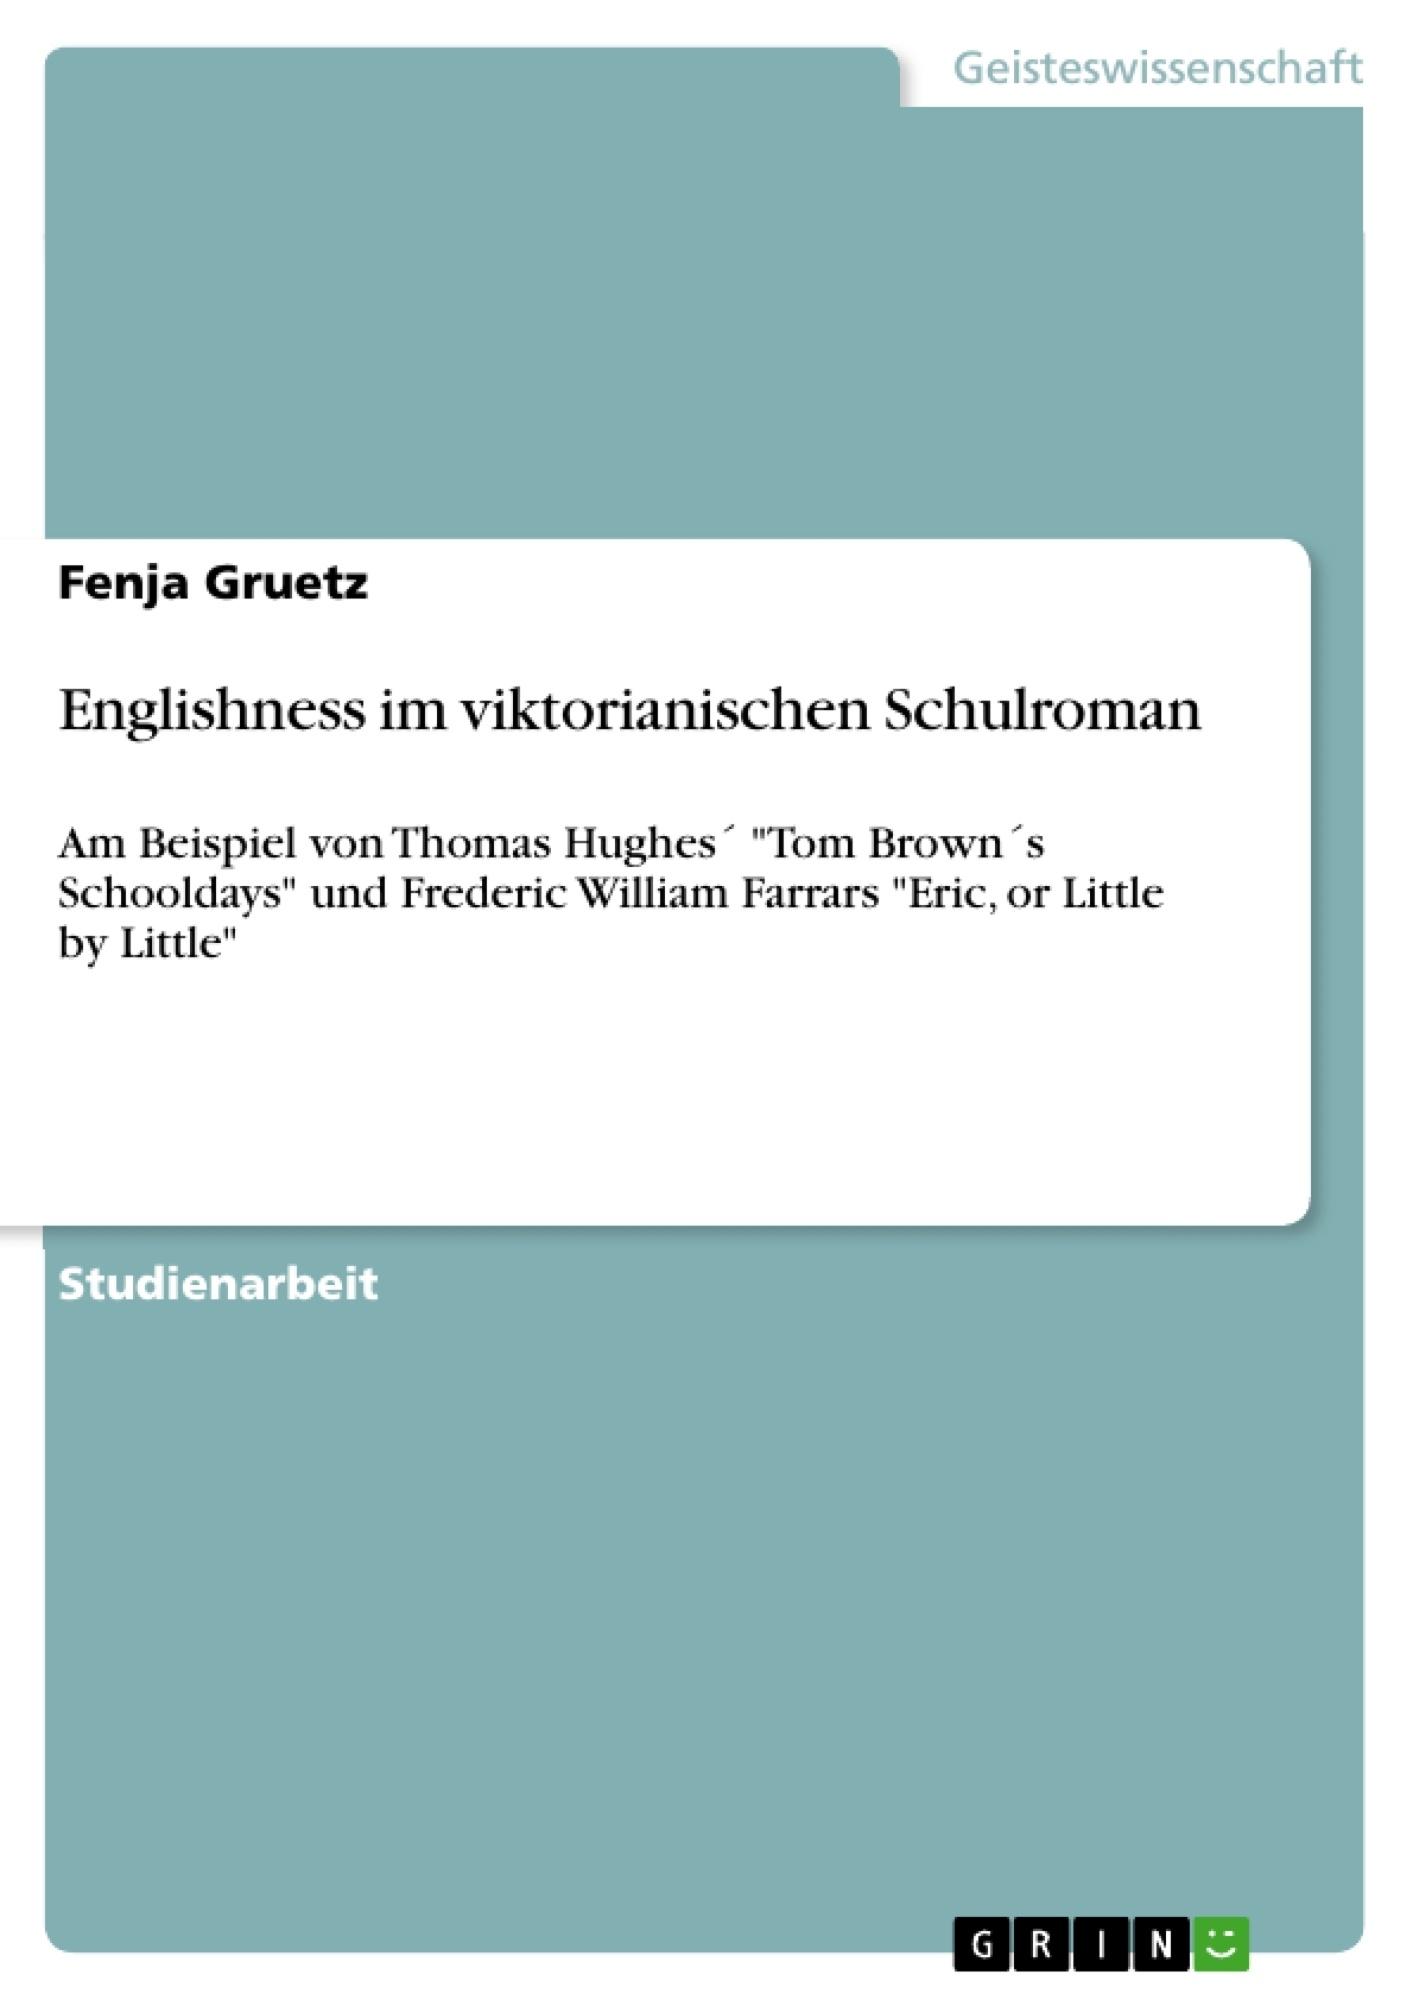 Titel: Englishness im viktorianischen Schulroman